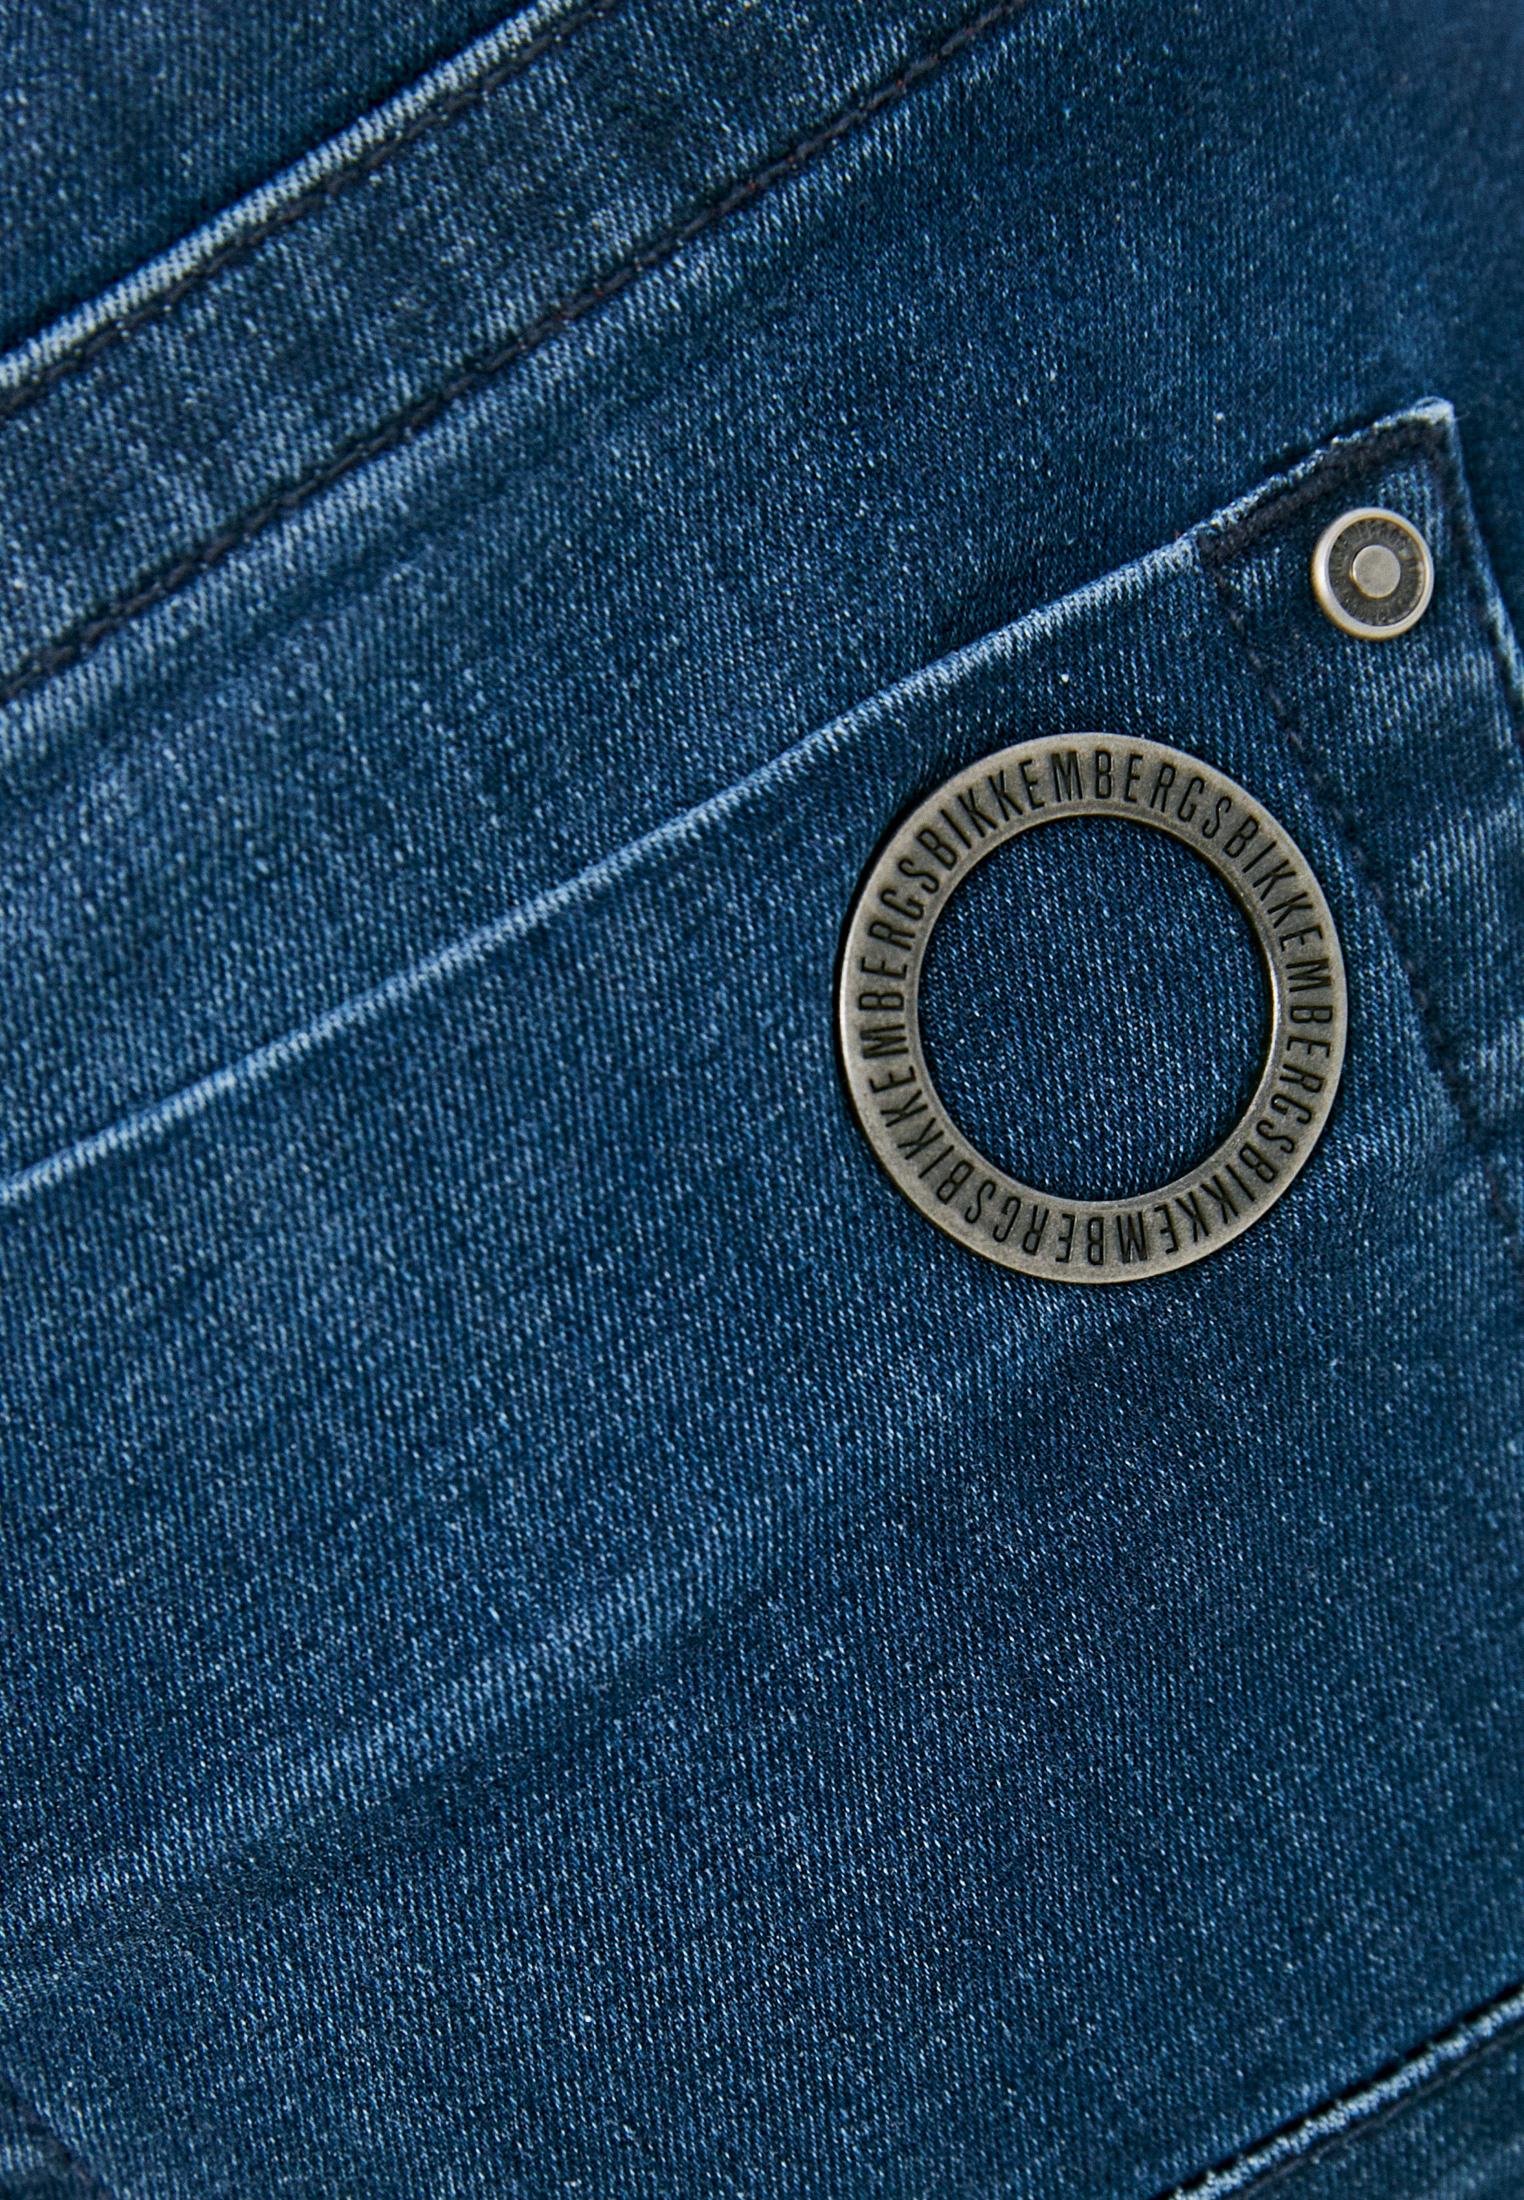 Мужские зауженные джинсы Bikkembergs (Биккембергс) C Q 101 18 S 3511: изображение 5